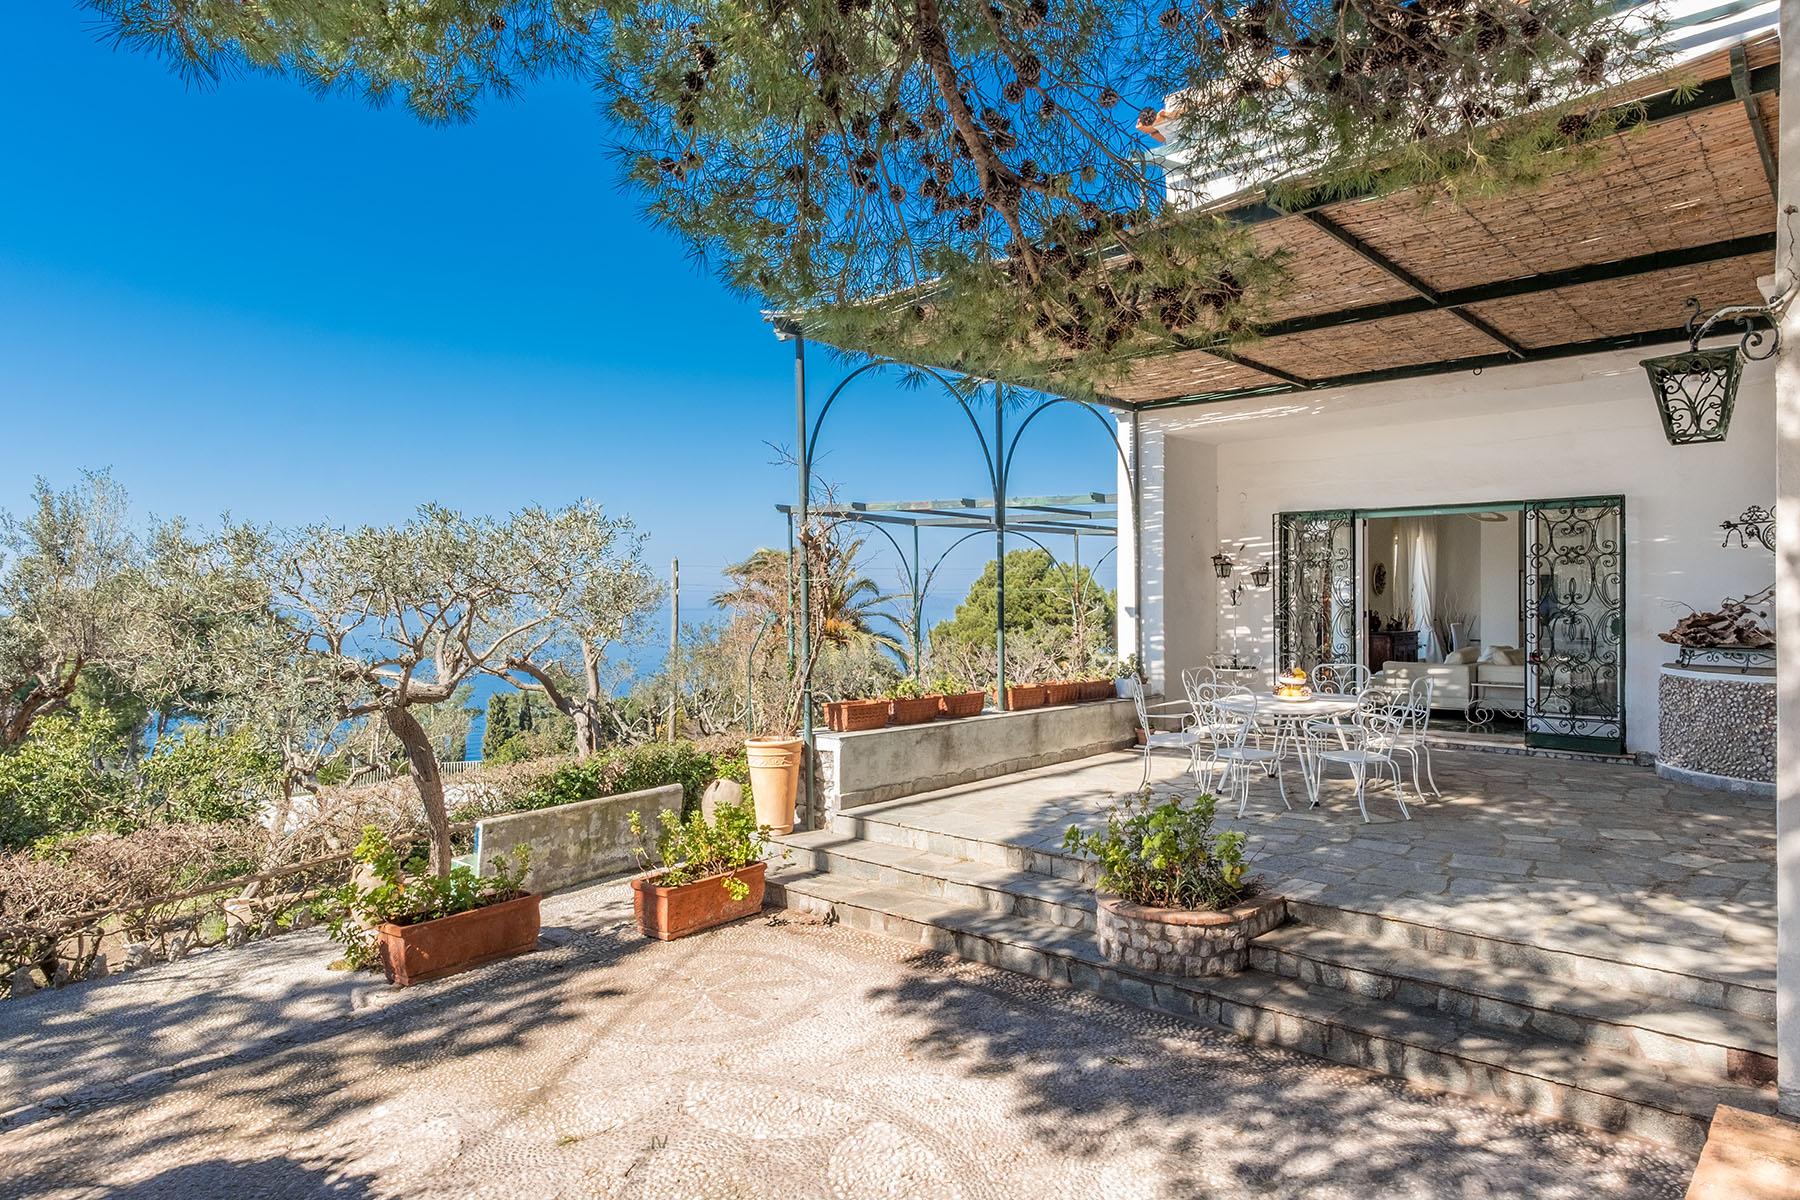 Villa in Vendita a Capri:  5 locali, 250 mq  - Foto 1